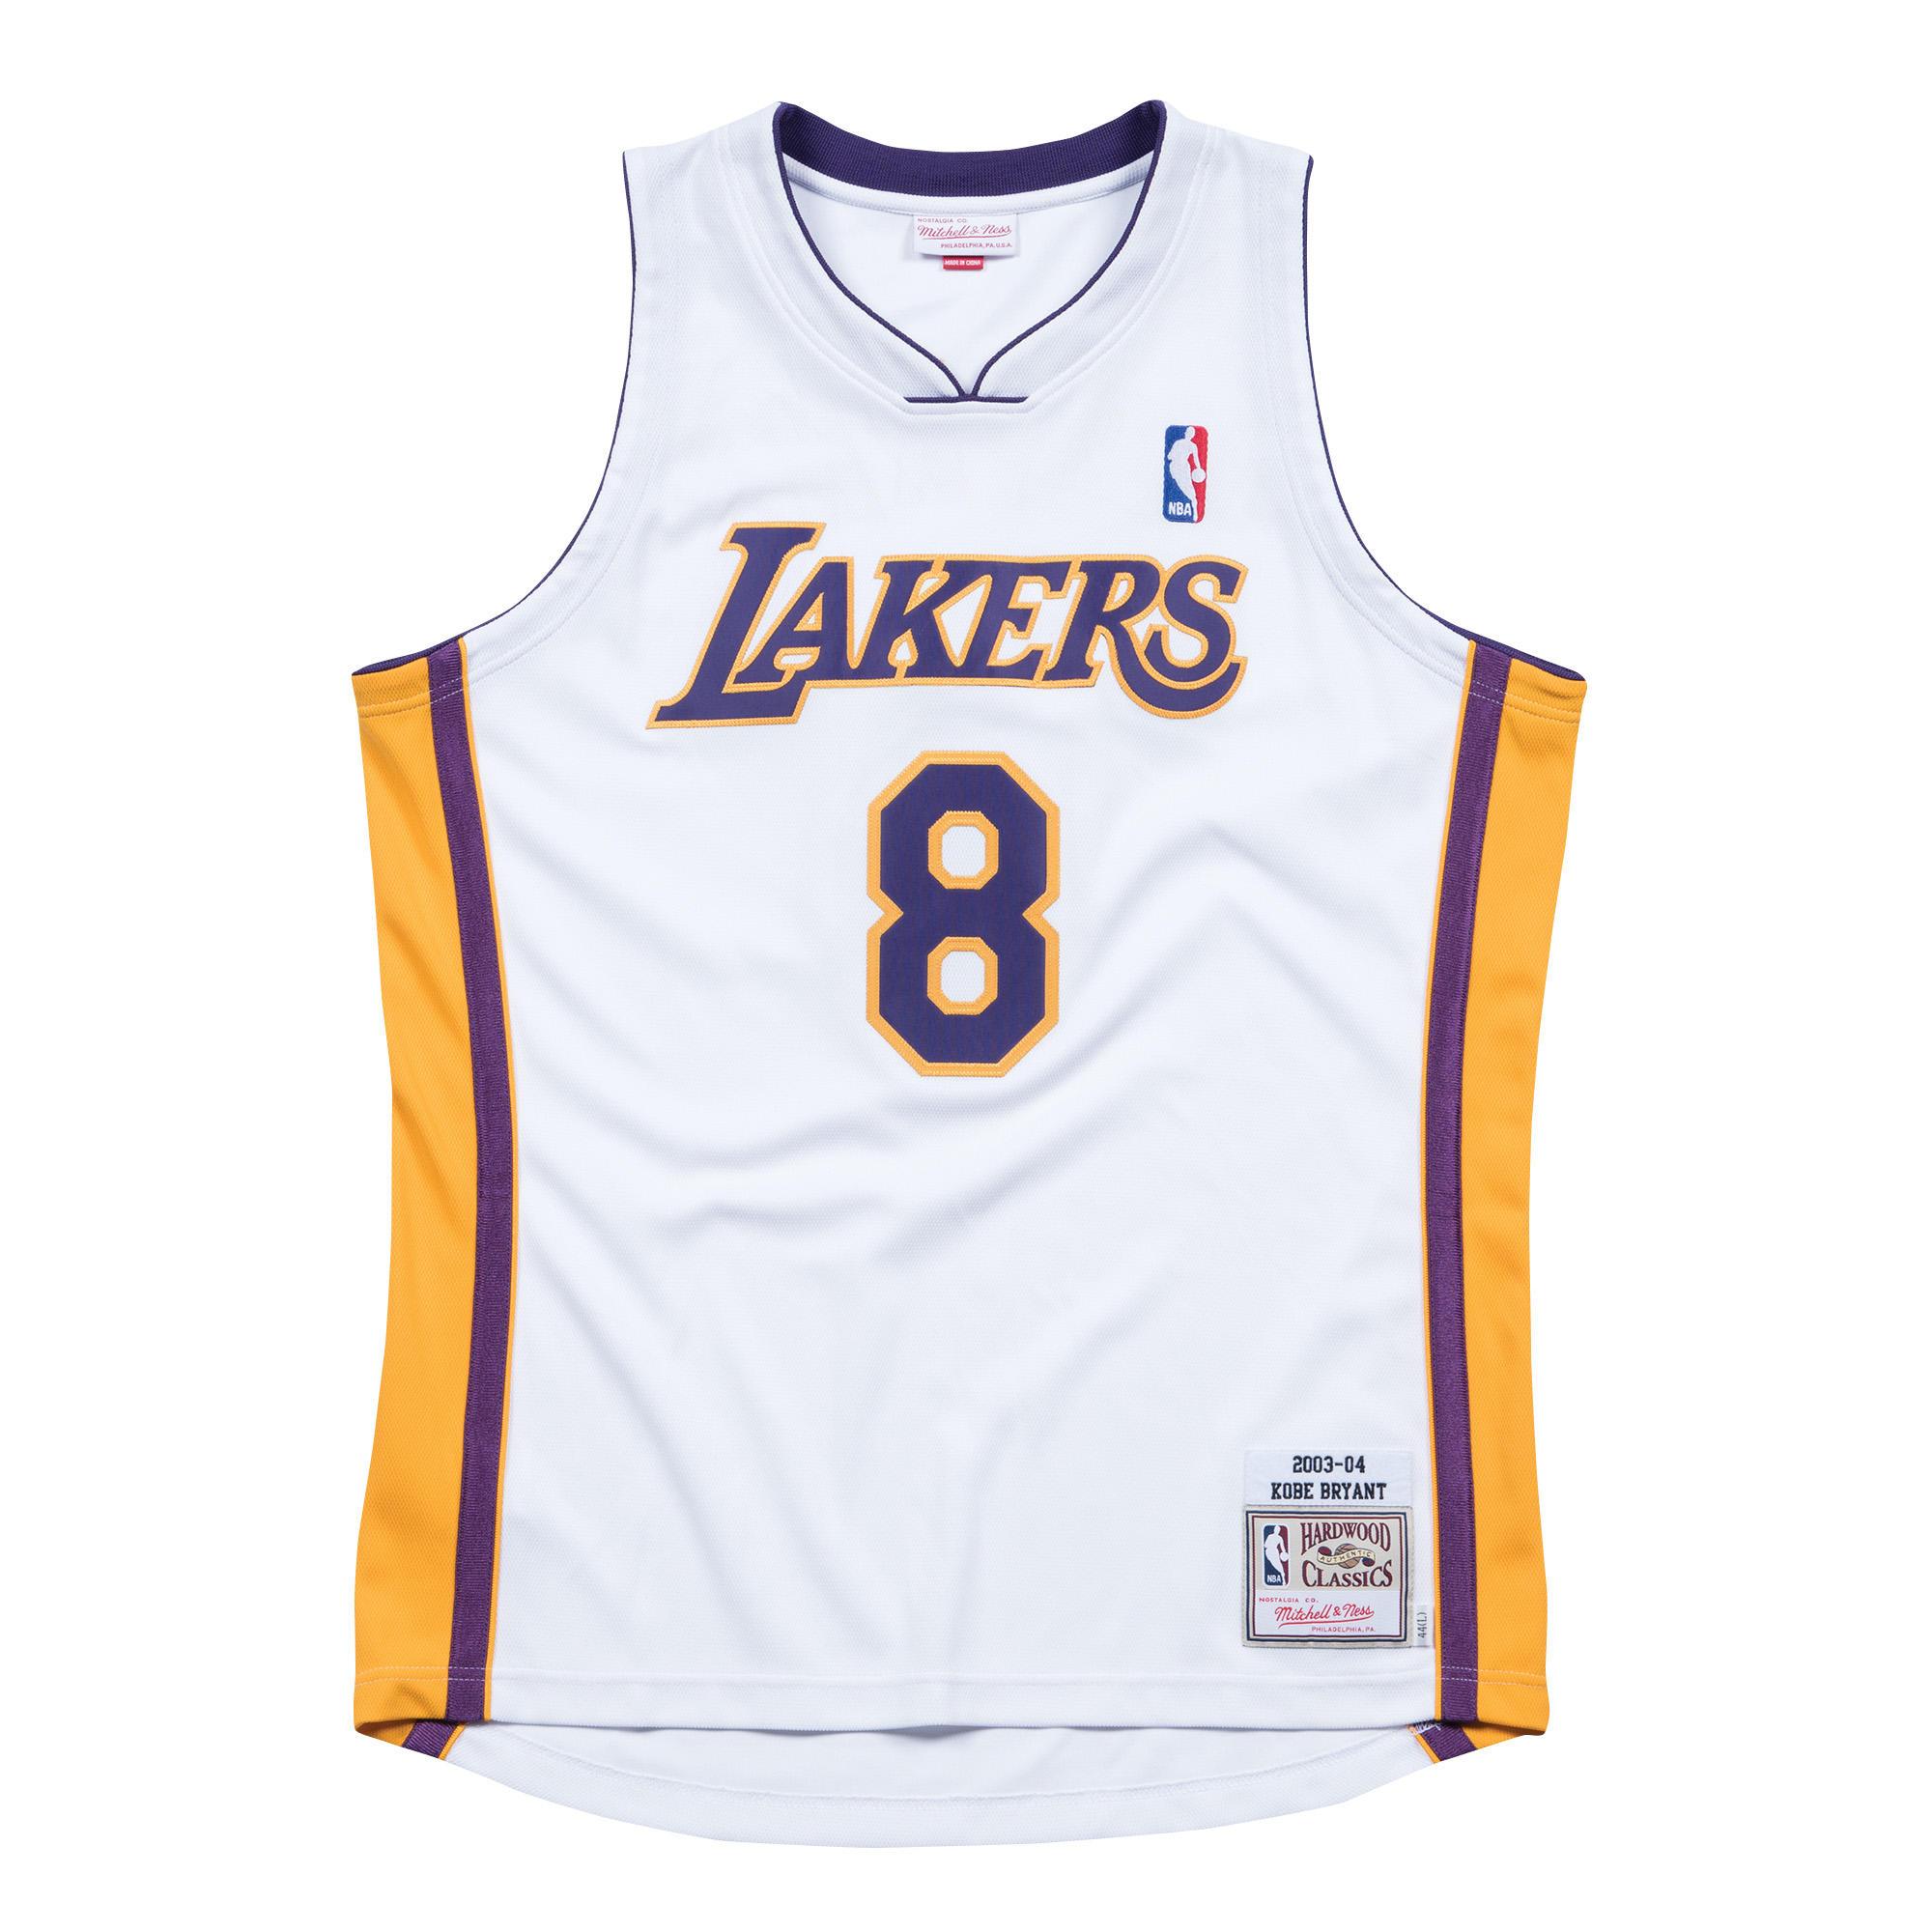 san francisco f4d08 292f3 Mitchell & Ness Nostalgia Co. | NBA All-Star Kobe Bryant ...